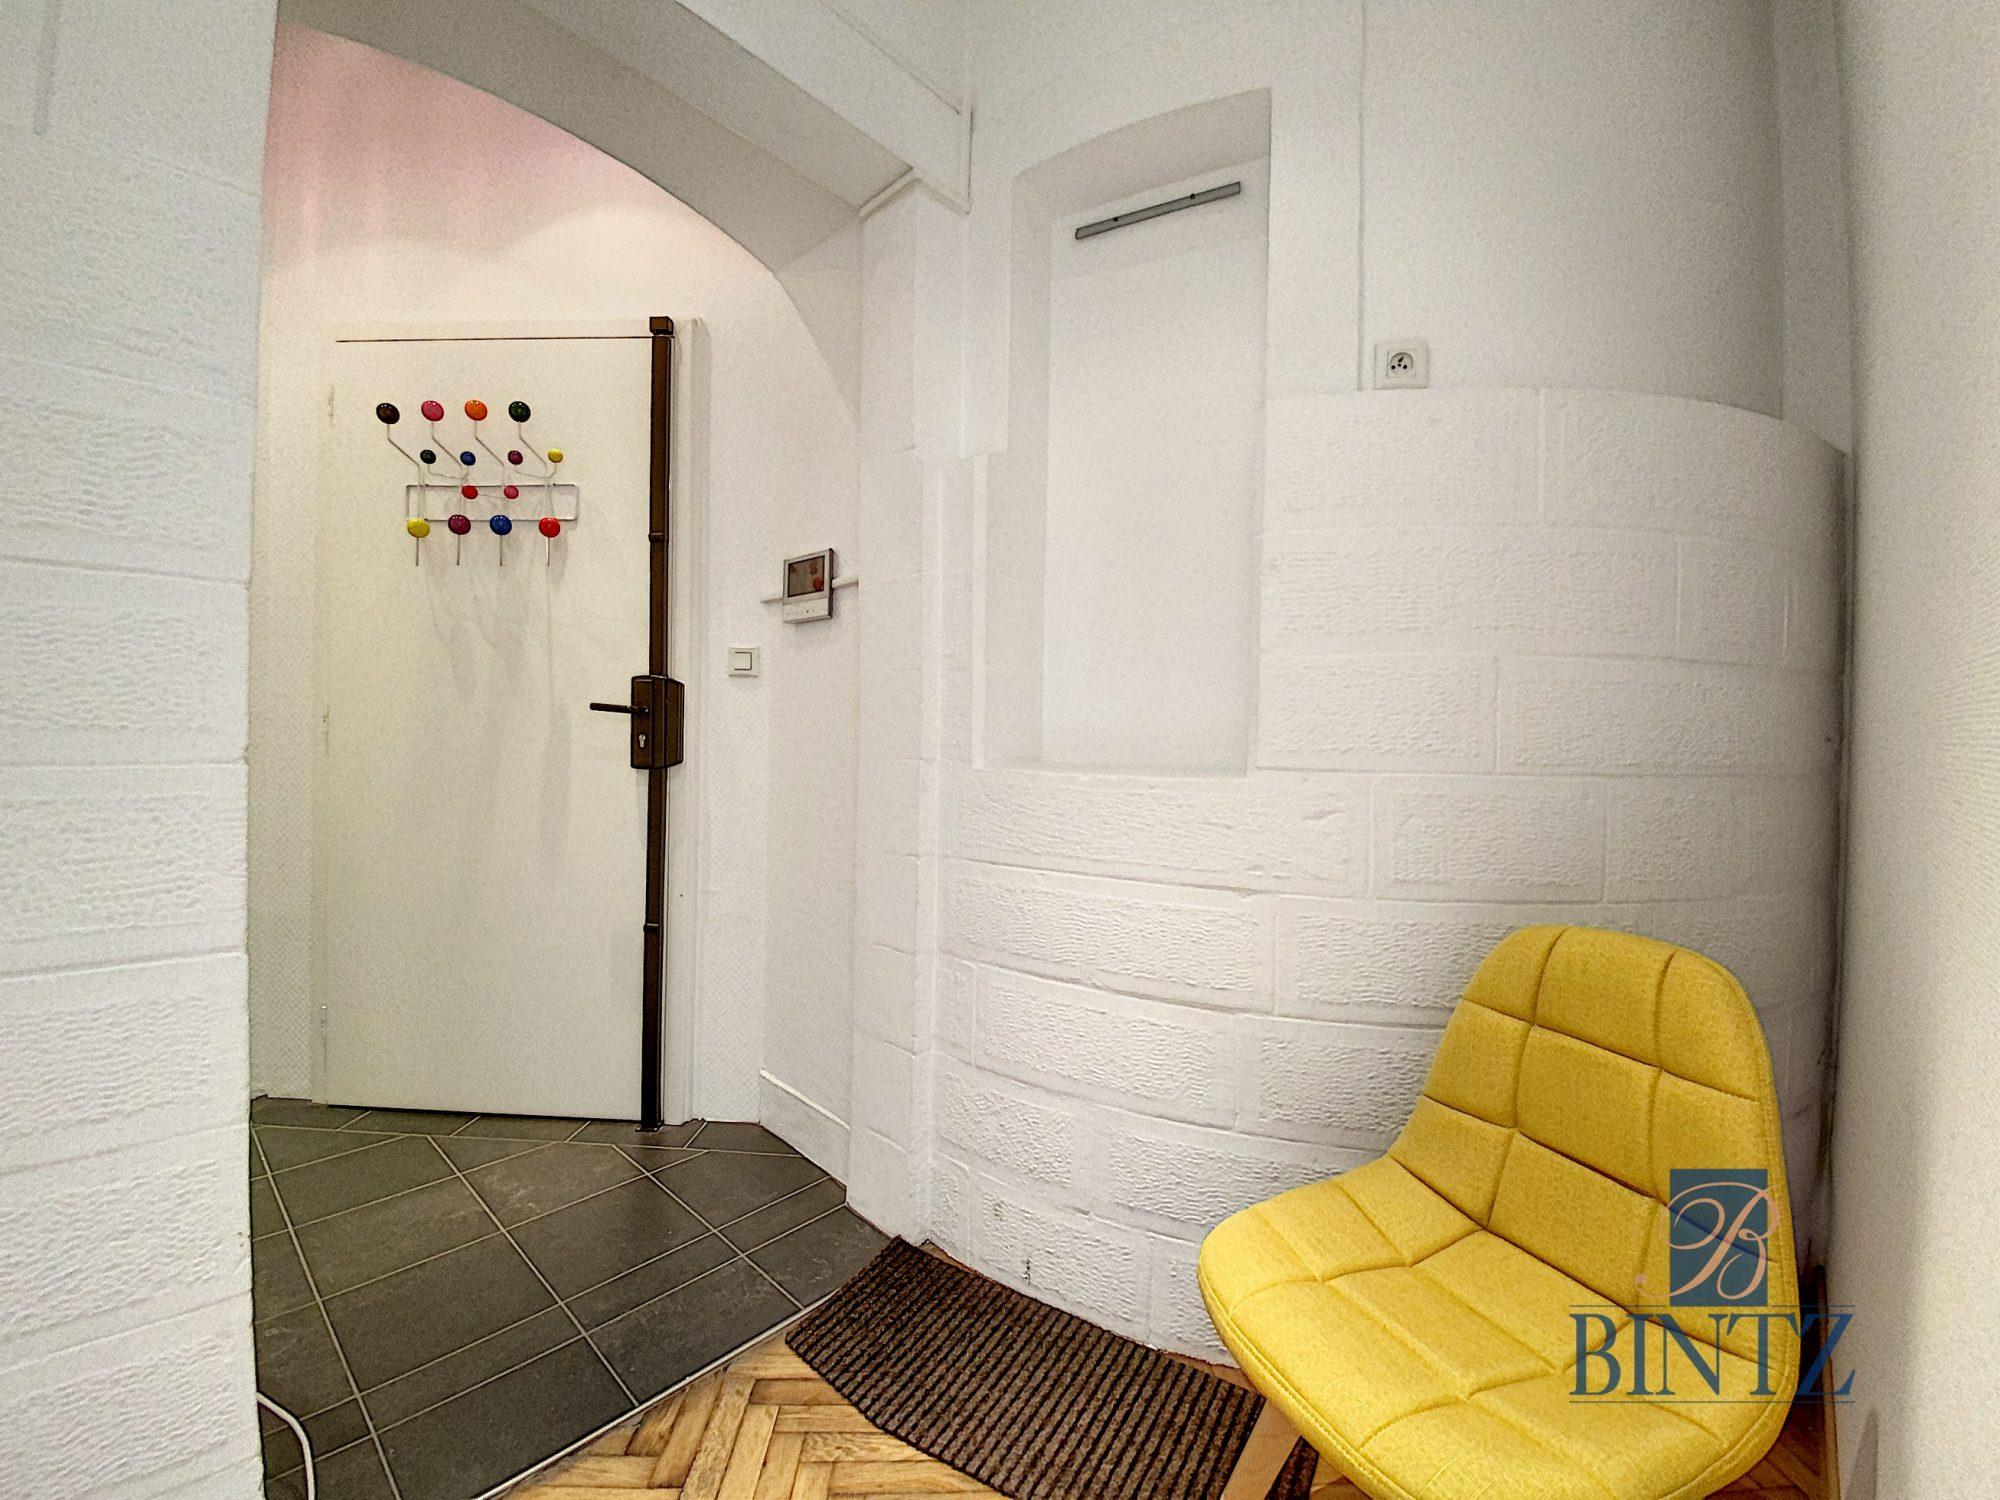 GRAND 1PIÈCE MEUBLÉ NEUSTADT - Devenez locataire en toute sérénité - Bintz Immobilier - 11